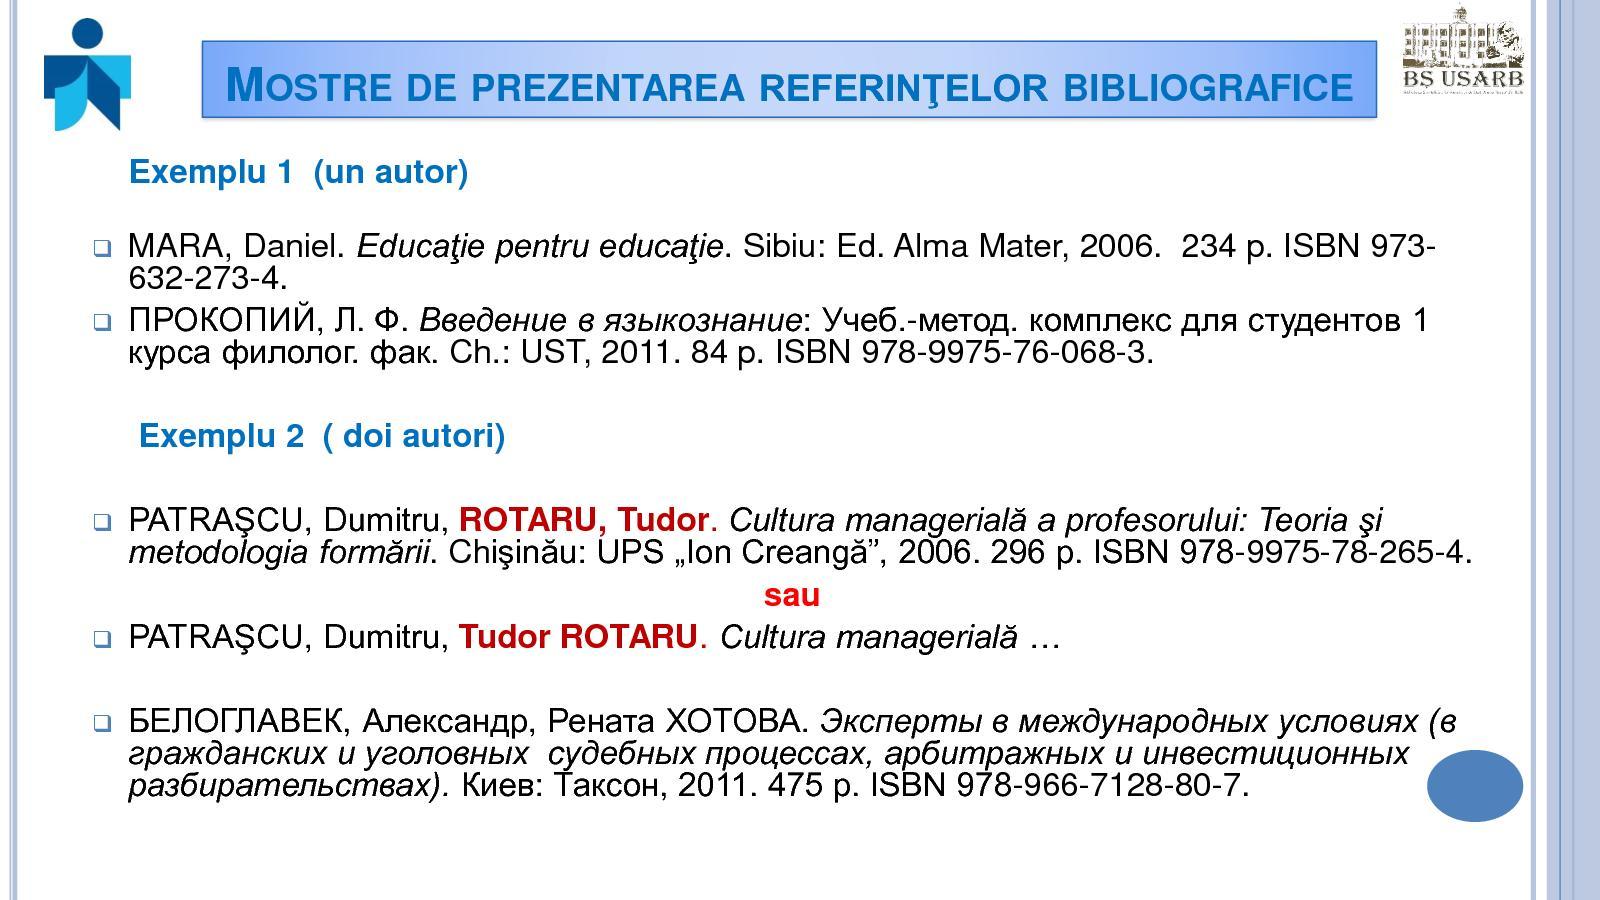 lista varicoasă a referințelor)